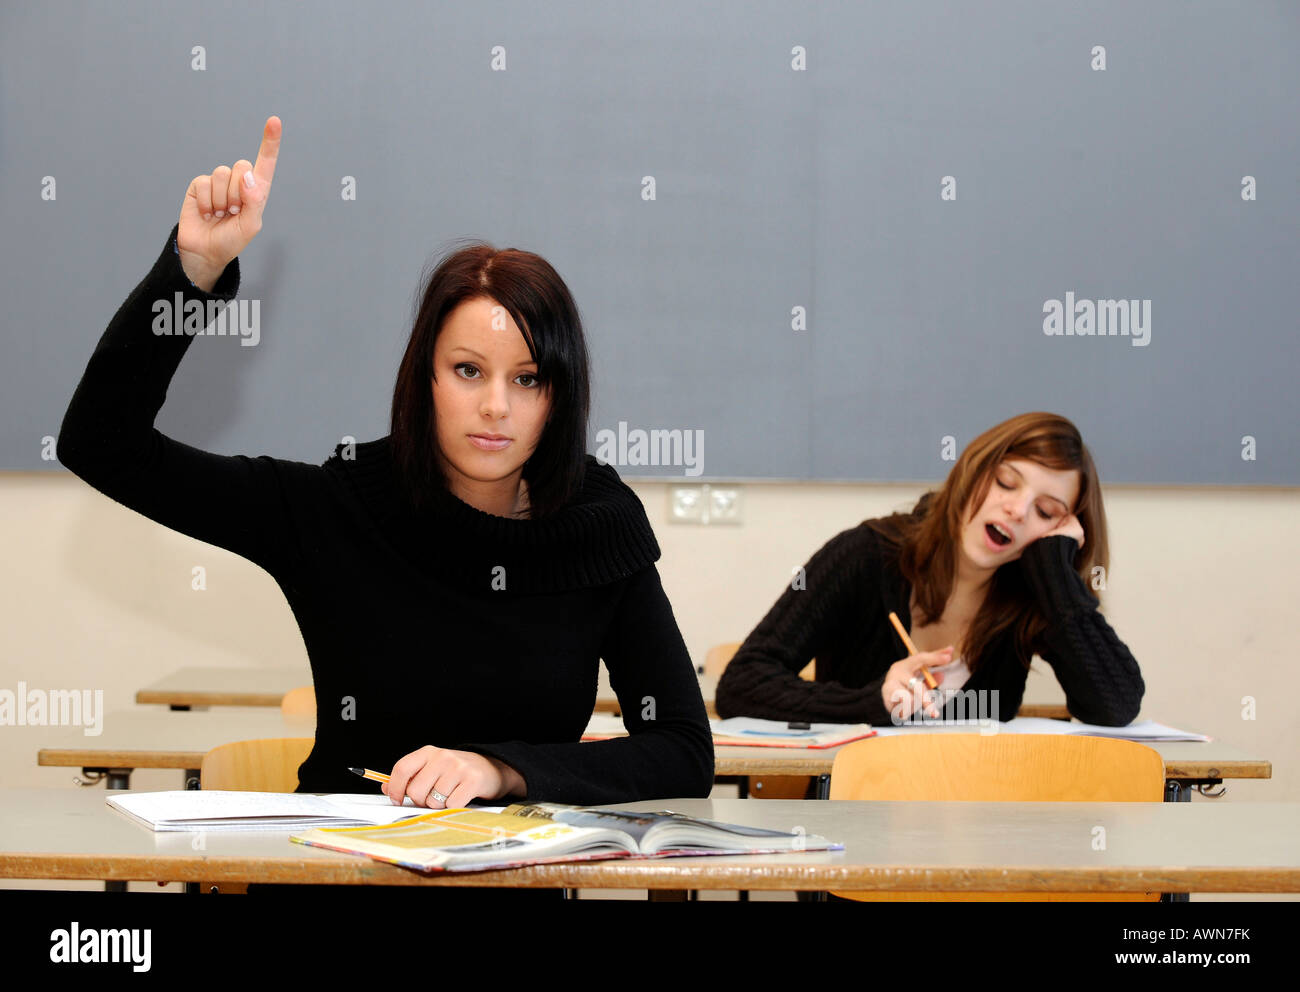 Female pupils / students Stock Photo